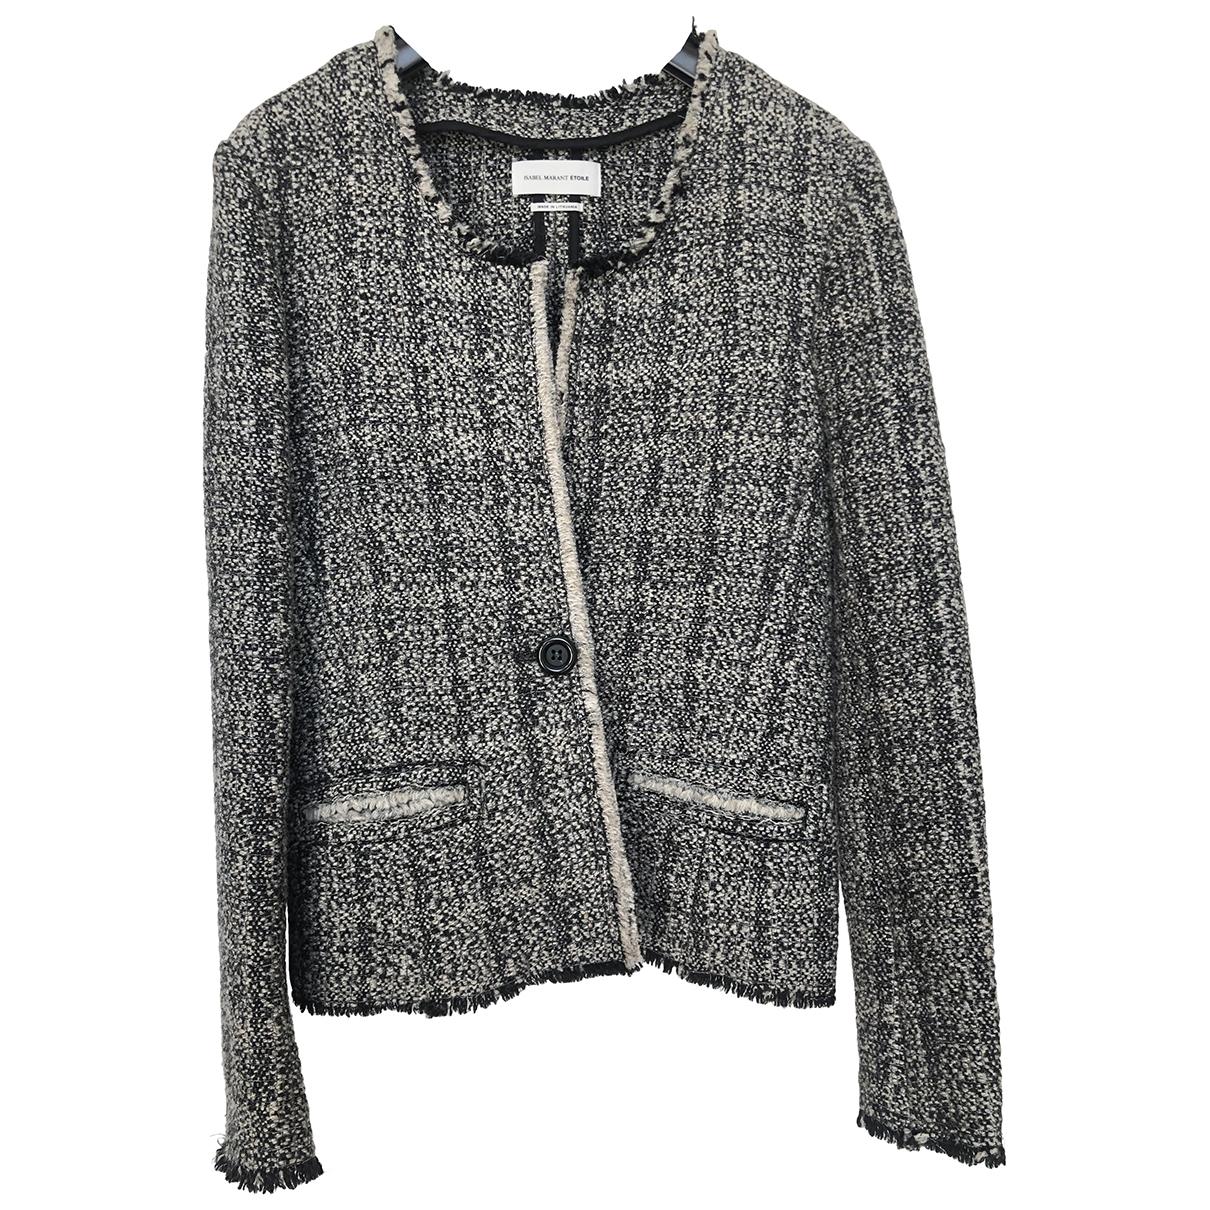 Isabel Marant Etoile \N Beige Wool jacket for Women 38 IT